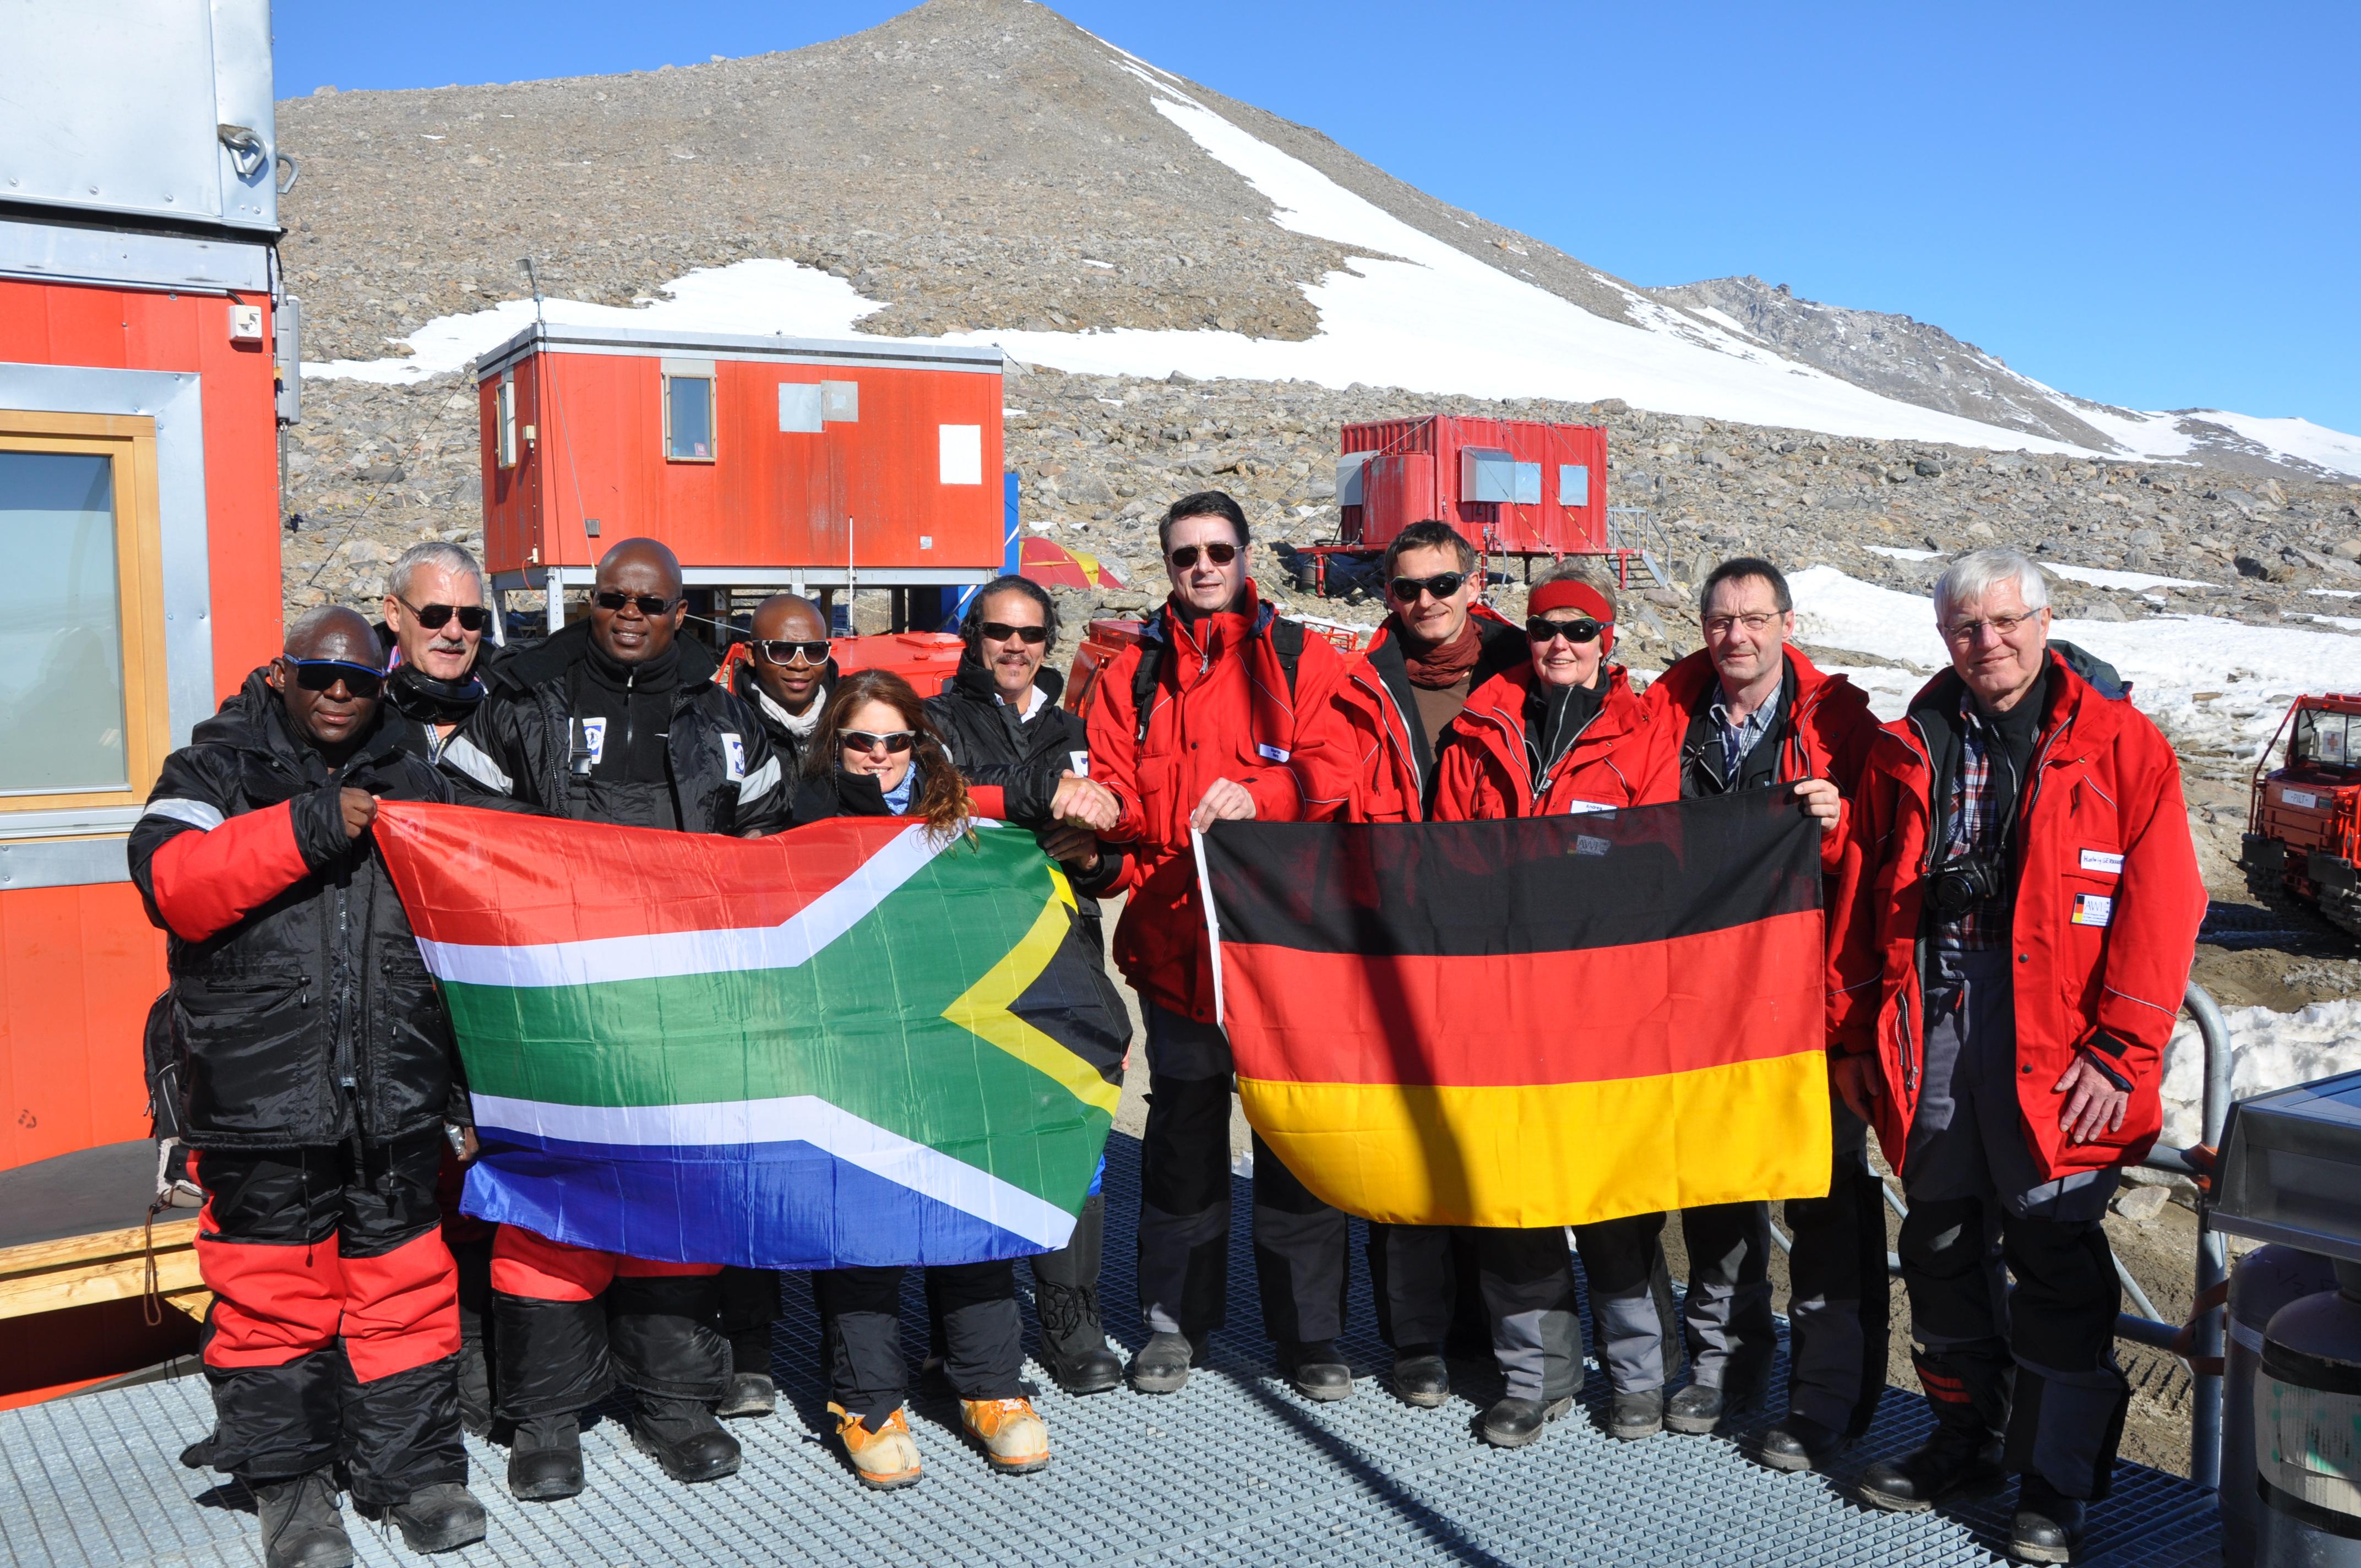 Vor einer Forschungsstation steht eine Gruppe von Männern und Frauen. Links die Gruppe aus Südafrika, recht die deutsche Gruppe. Beide halten ihre jeweilige Landesflagge in den Händen.